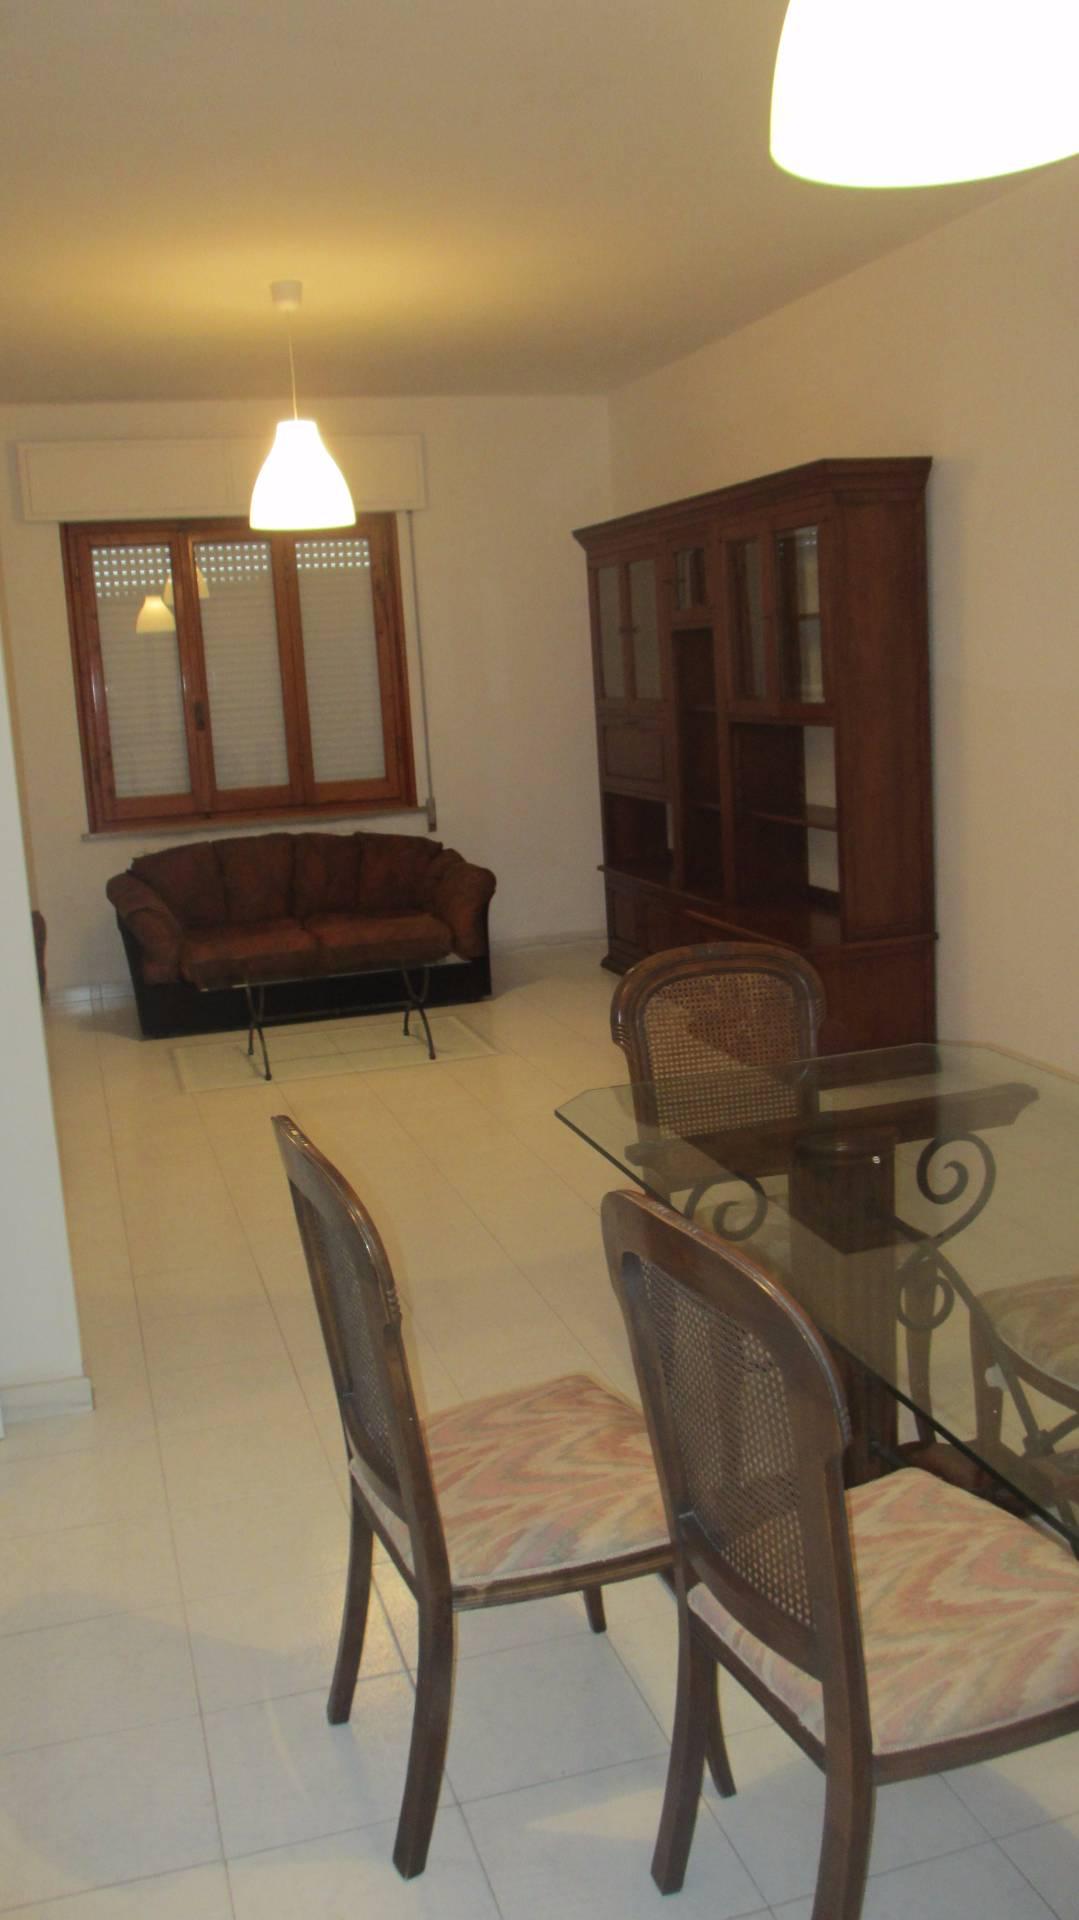 Soluzione Indipendente in affitto a Vinci, 5 locali, zona Località: Sovigliana-Spicchio, prezzo € 850   CambioCasa.it